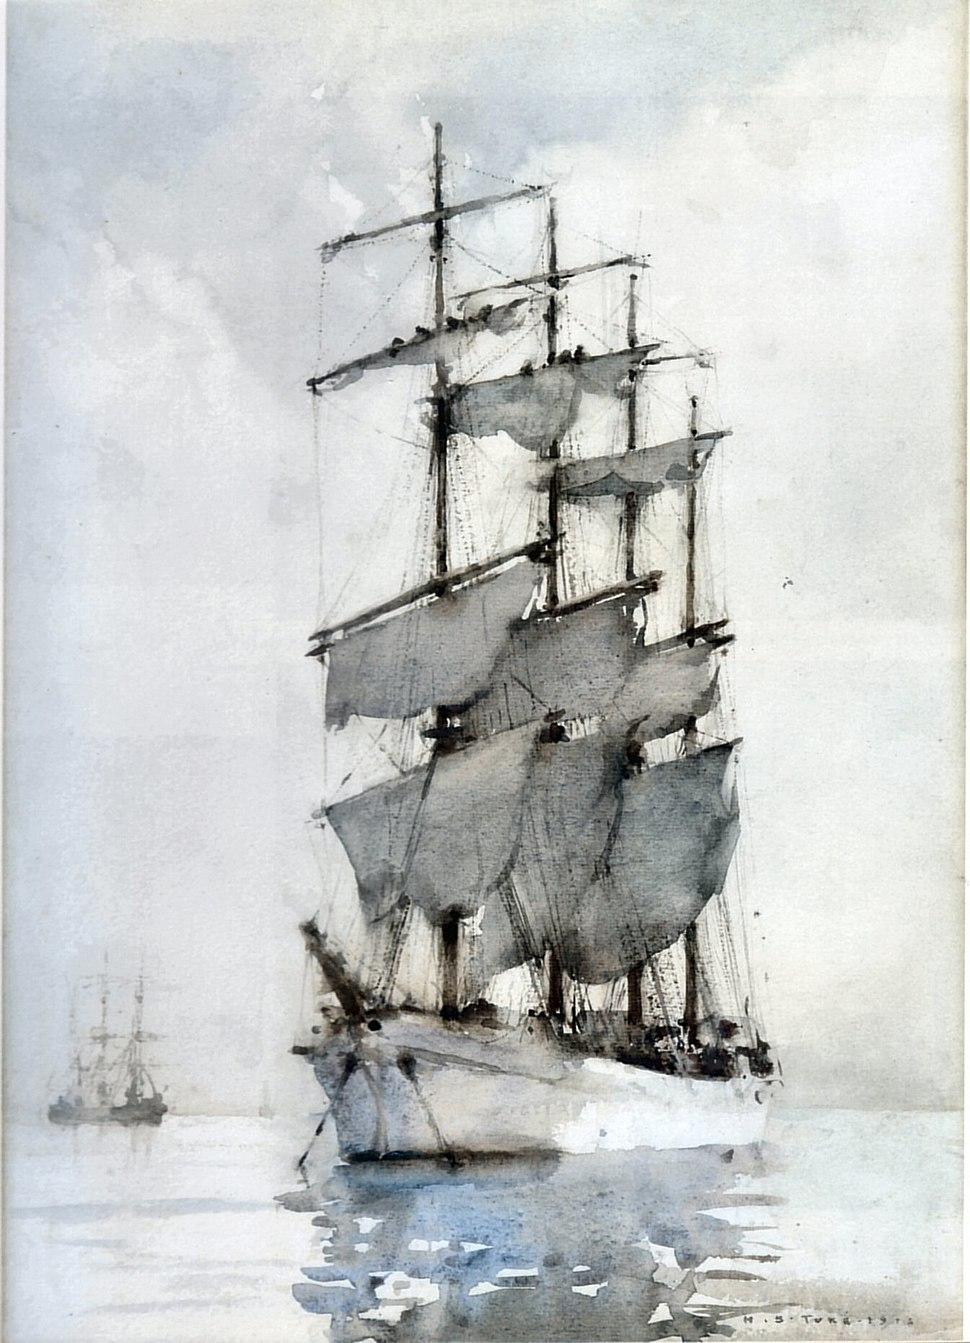 H. S. Tuke Four Masted Barque 1914